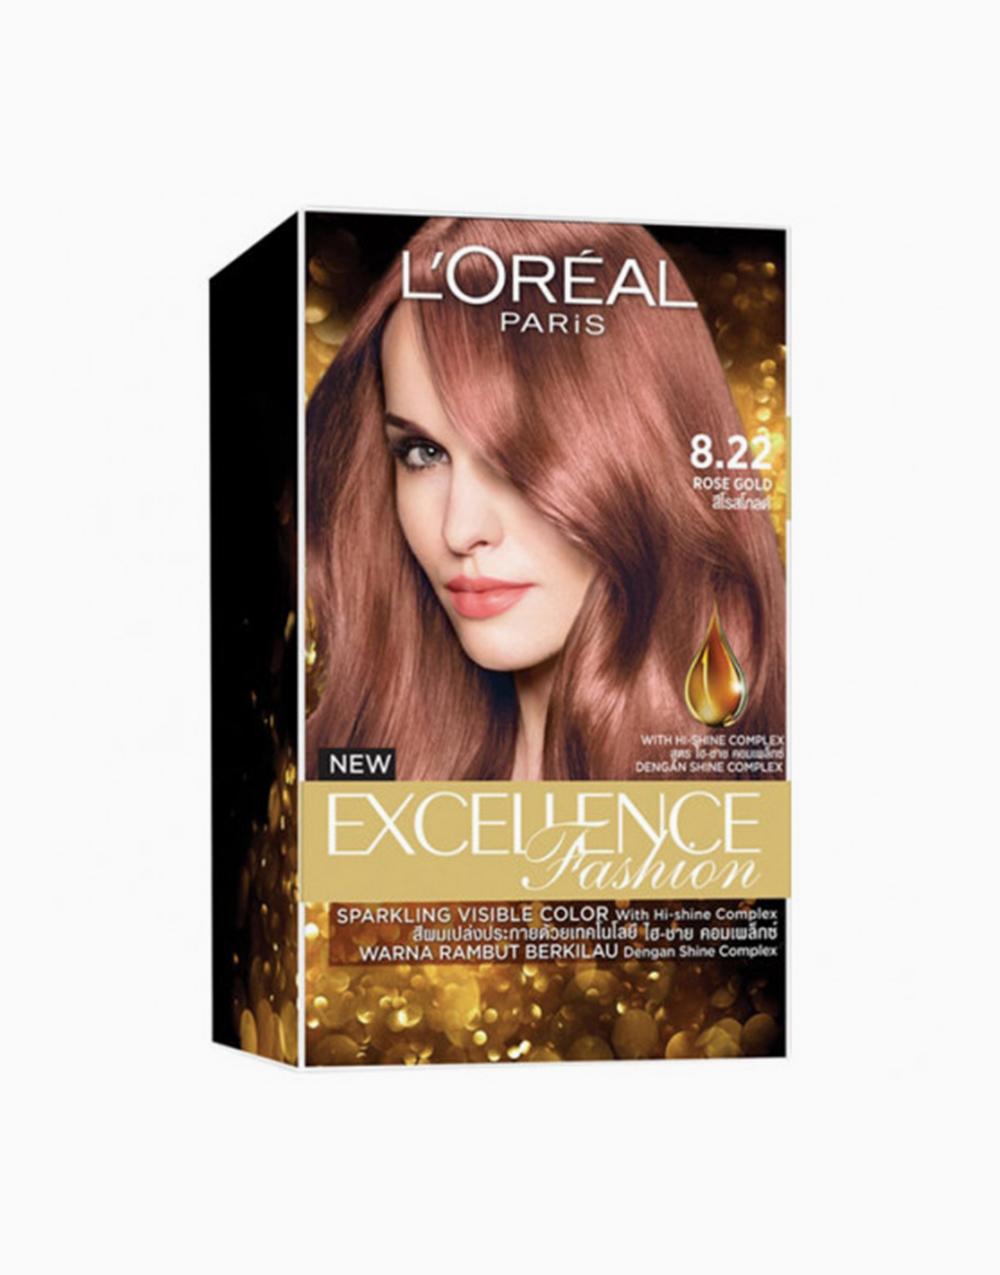 L'Oreal Paris Excellence Fashion by L'Oréal Paris   8.22 Rose Gold